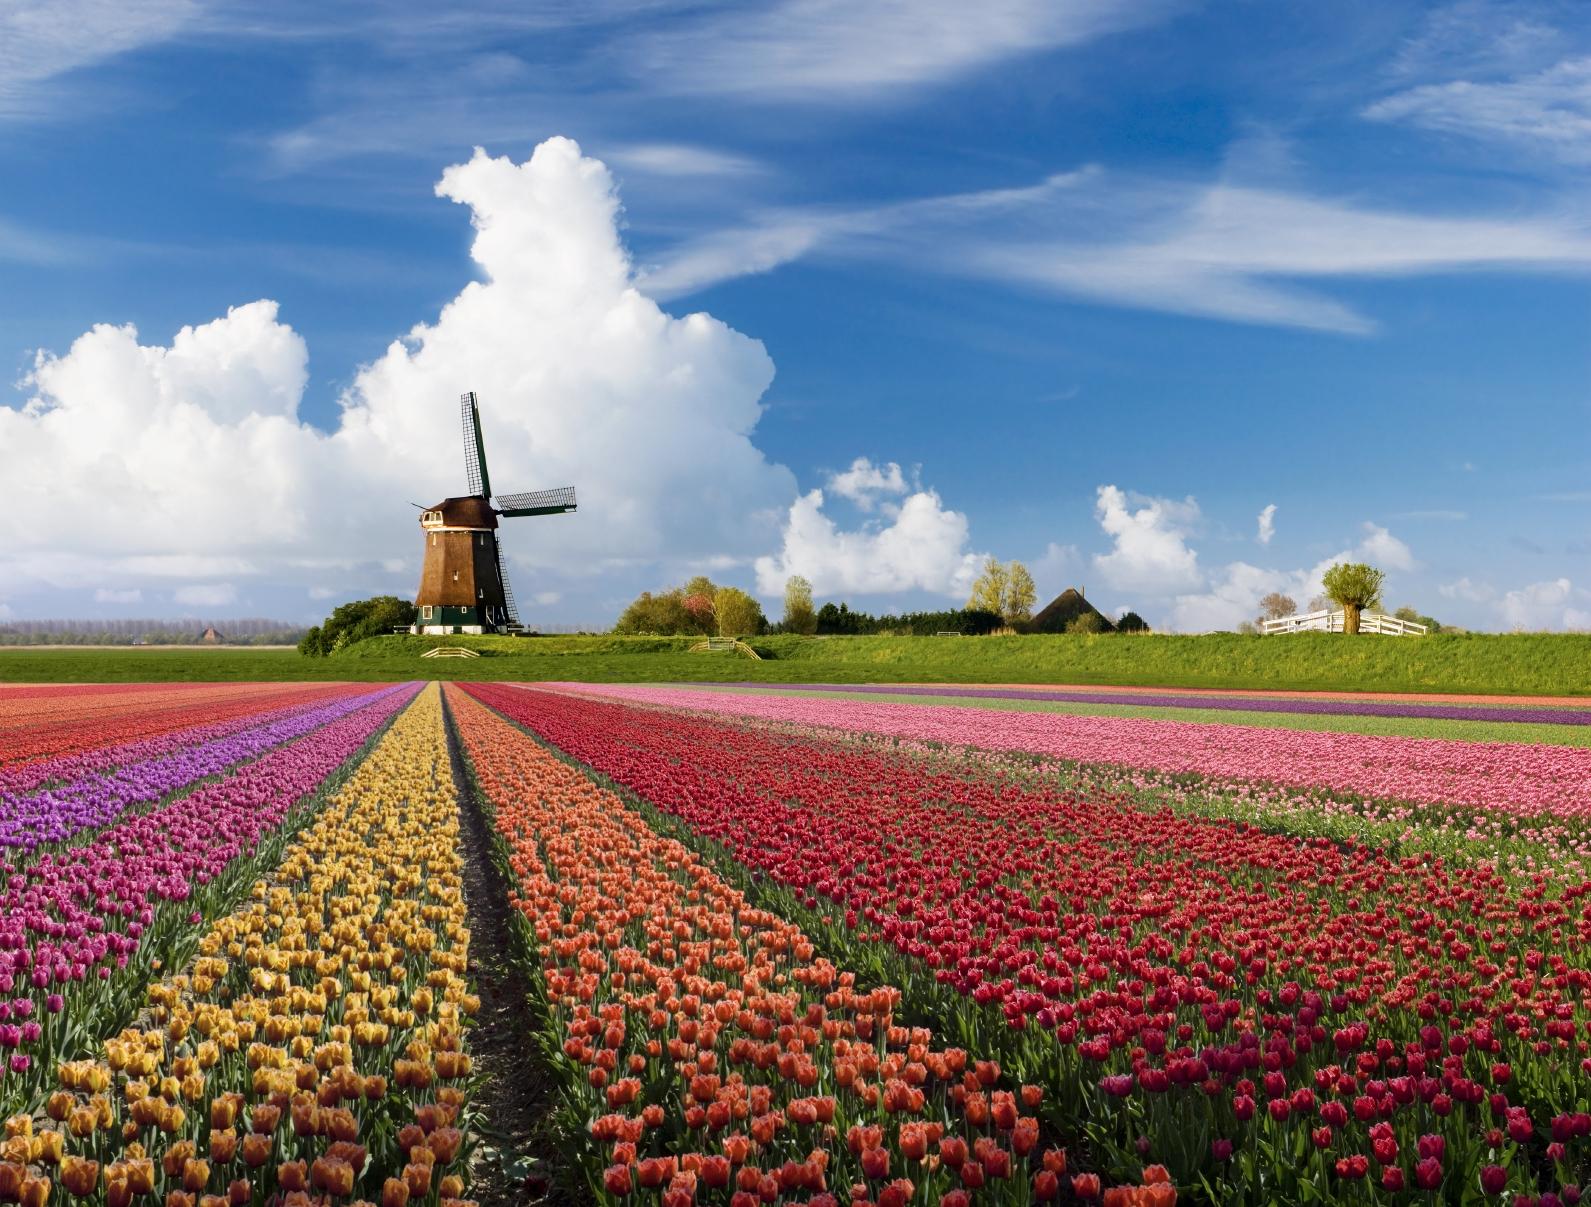 Tour Du Lịch Hà Lan Giá Rẻ Kết Hợp 6 Nước Ý - Vatican - Hà Lan - Đức - Bỉ